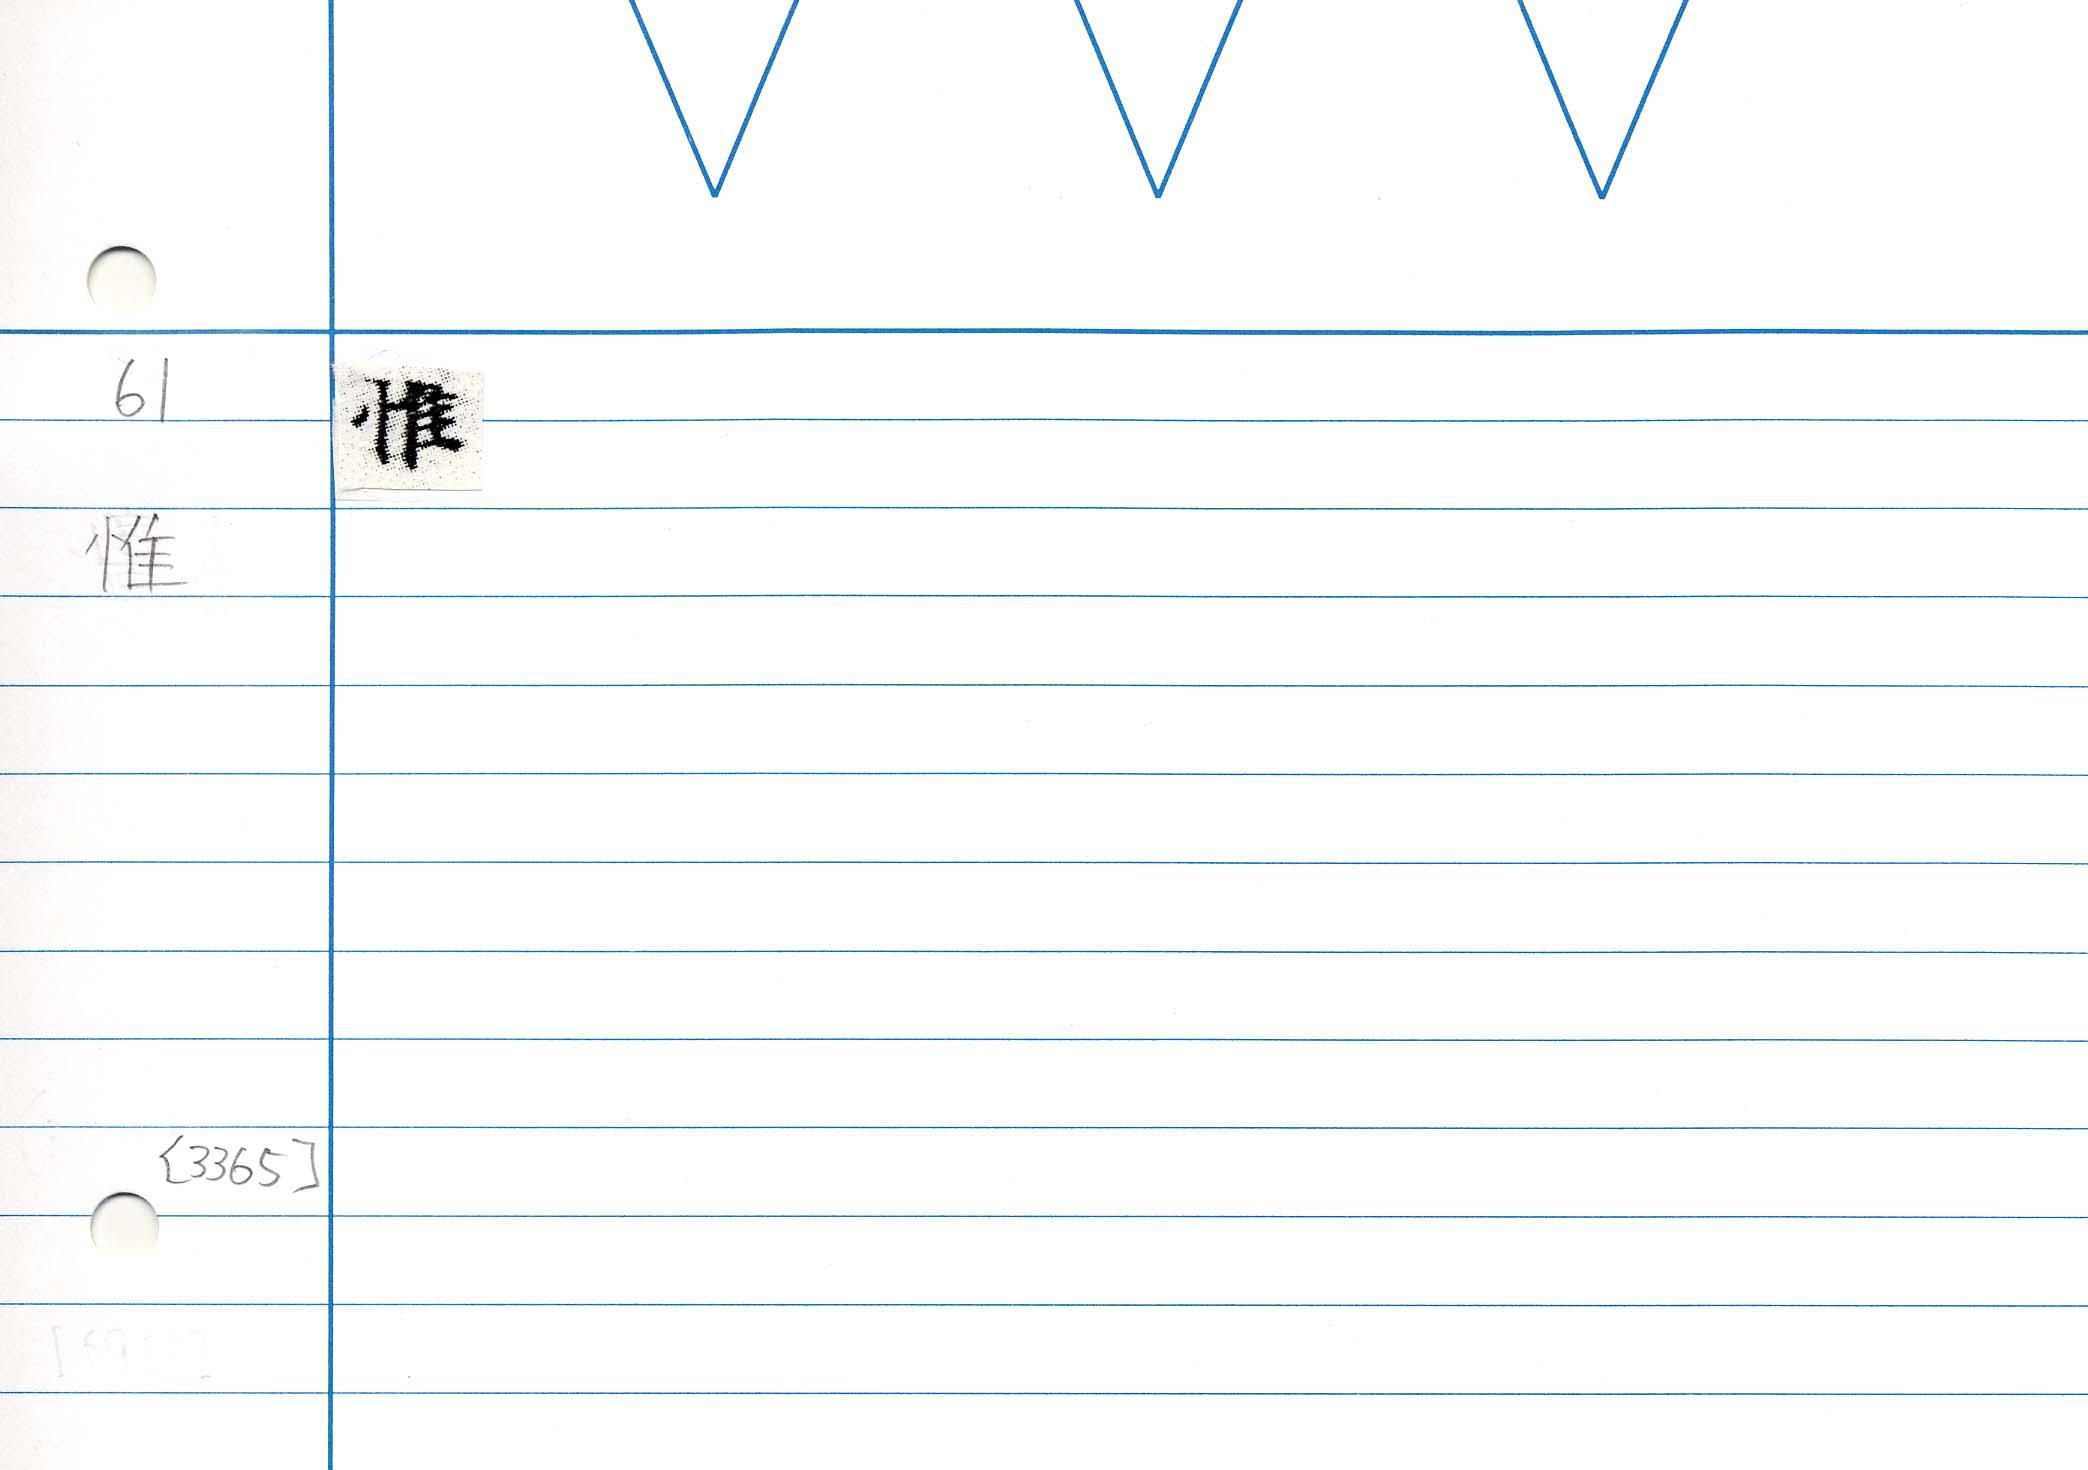 12_妙法蓮華經卷六(P.2195)/cards/0065.jpg